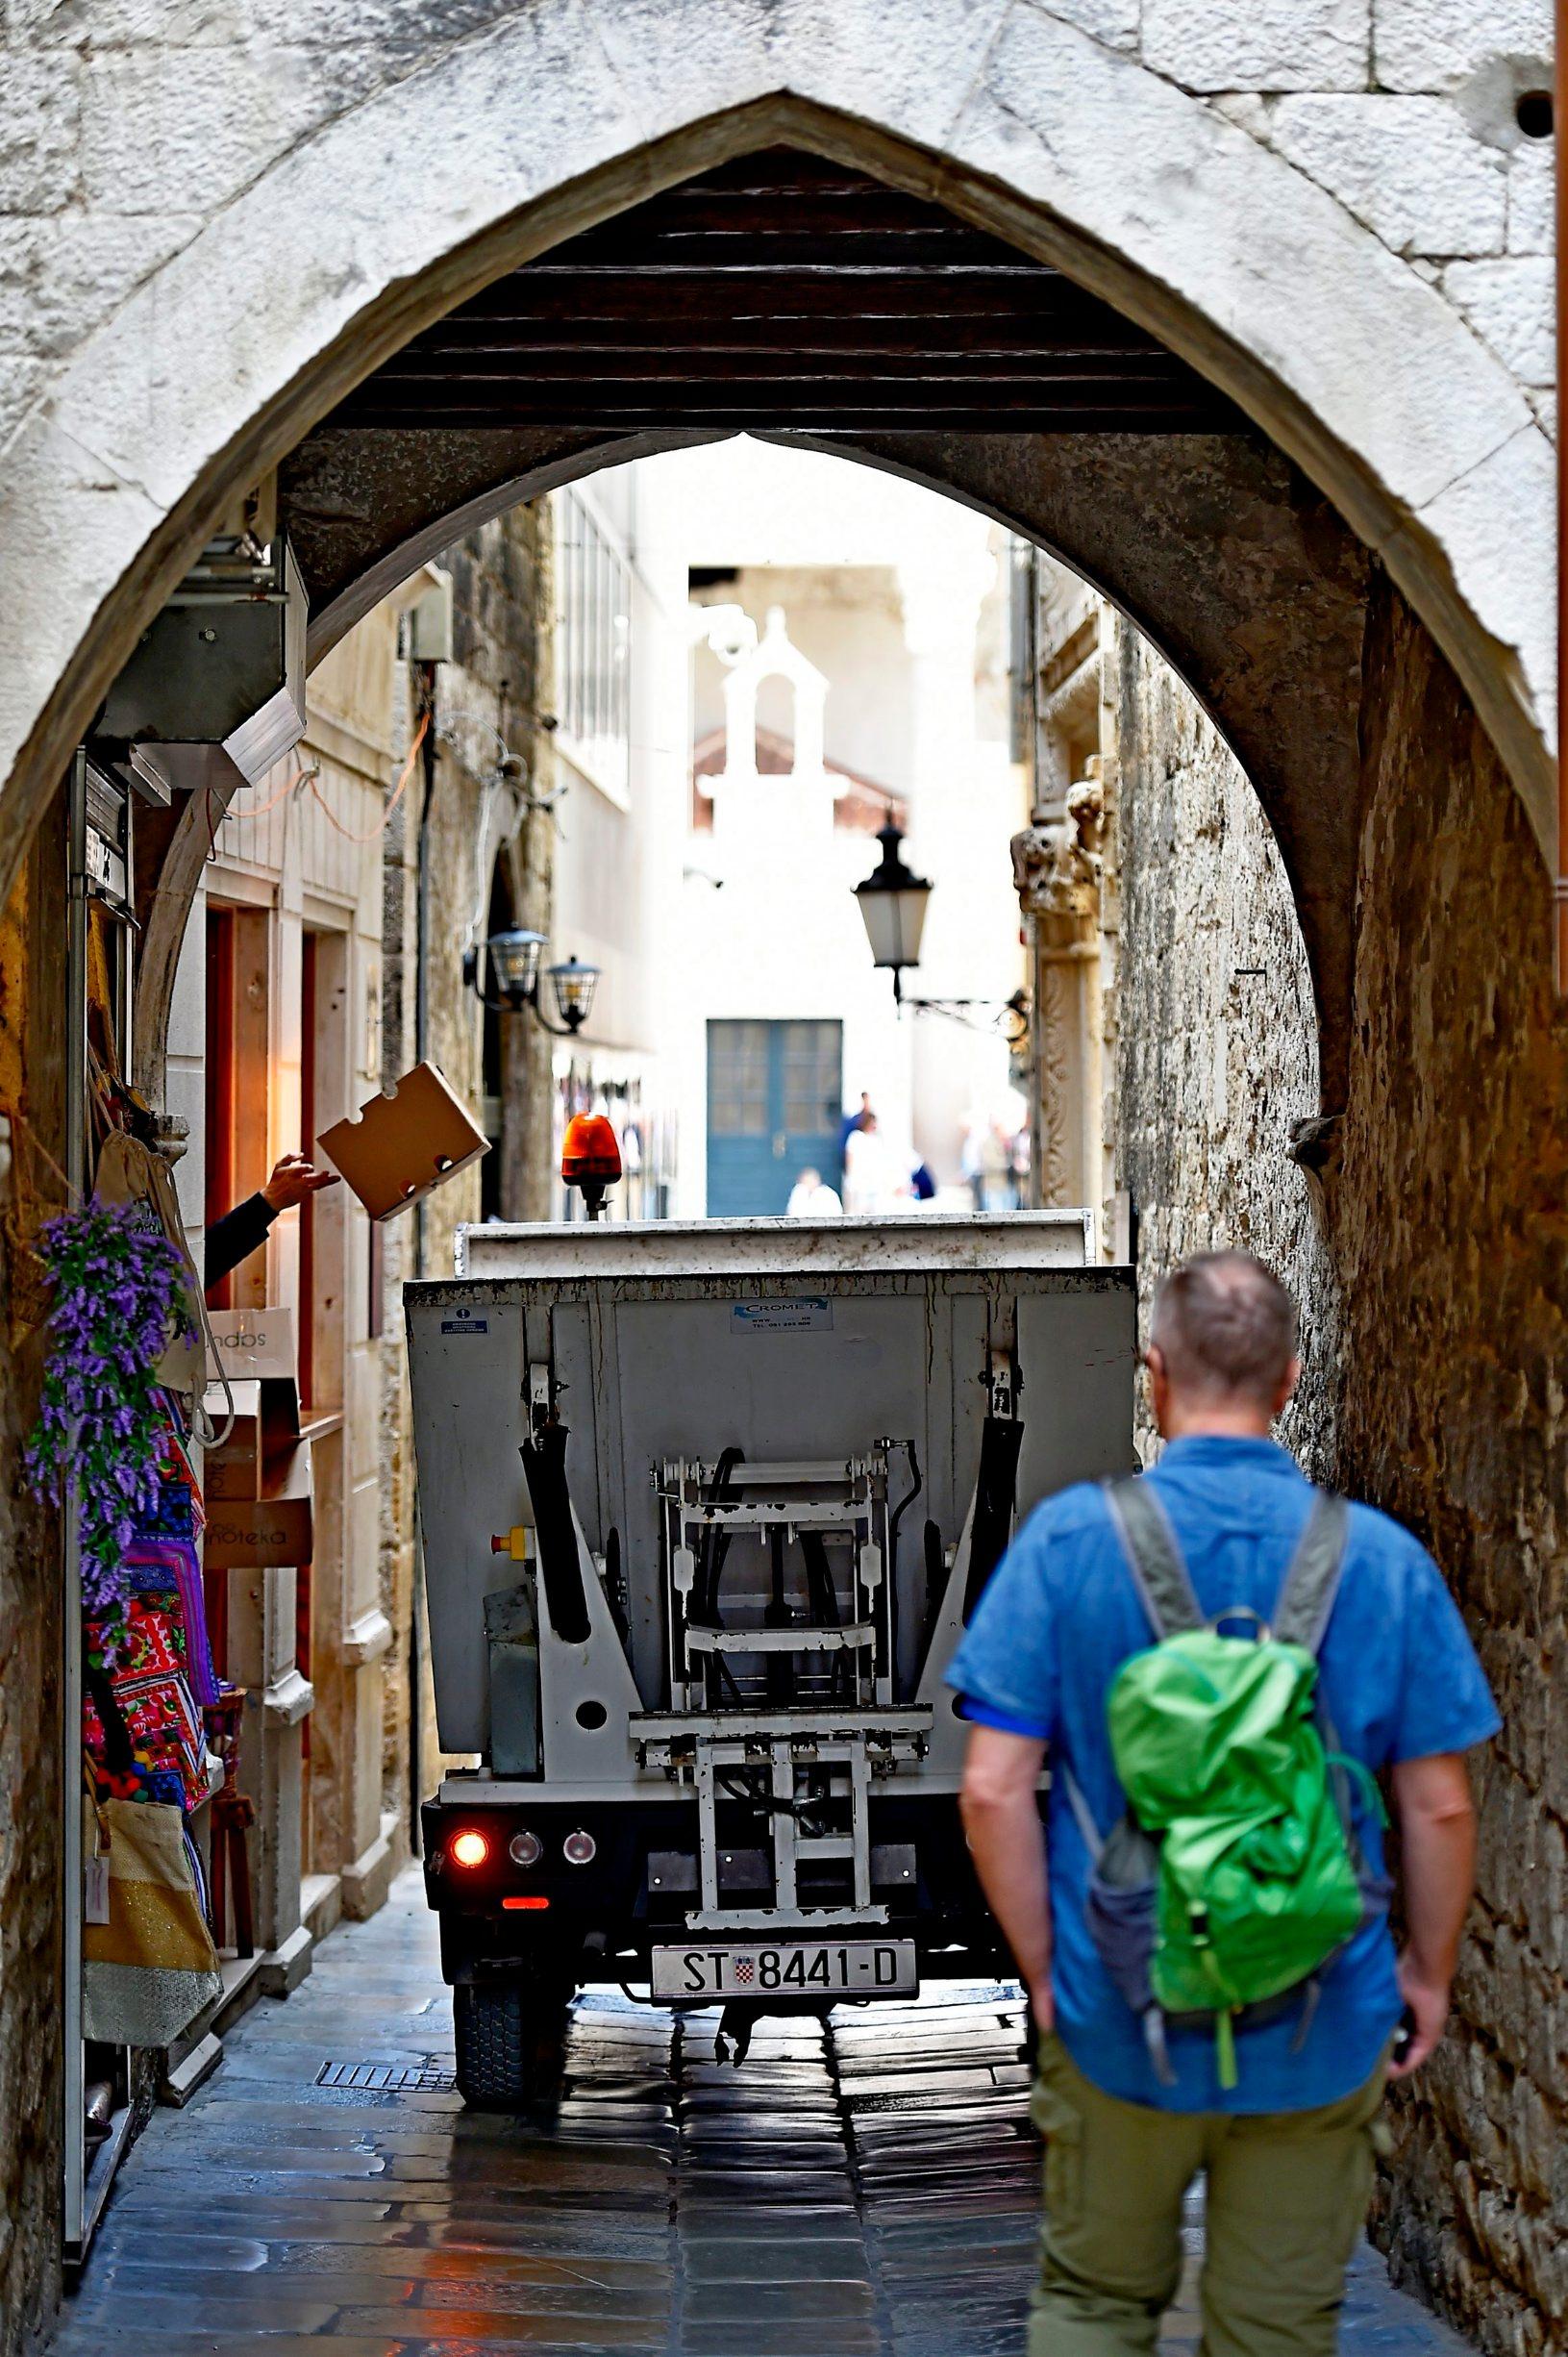 Skupljanje smeća u Dioklecijanovoj ulici u Splitu